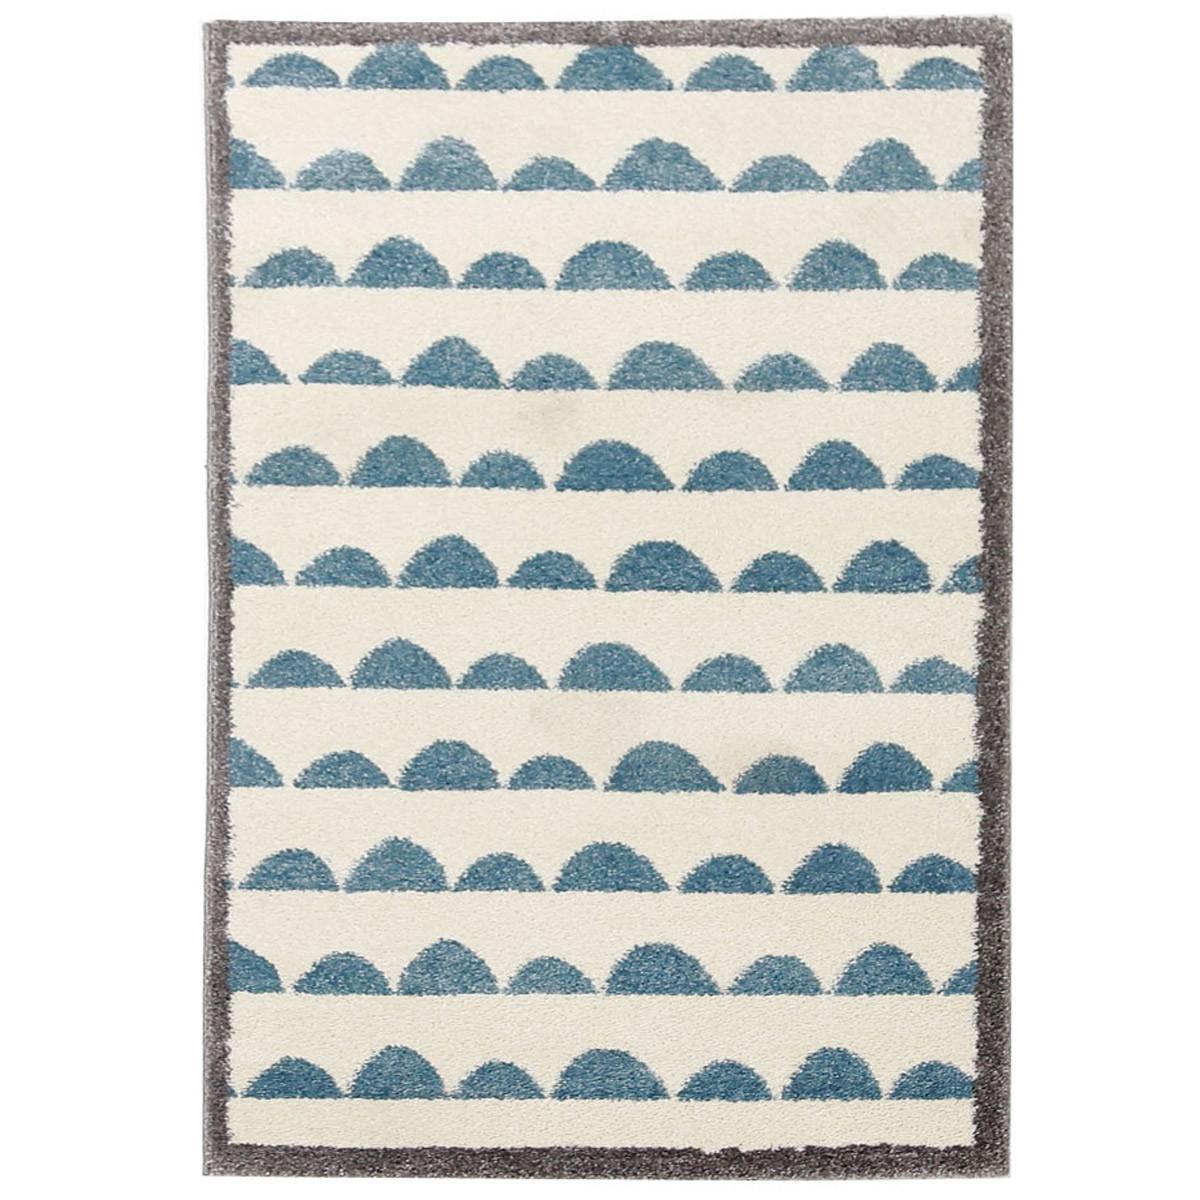 Παιδικό Χαλί (160x230) Royal Carpets Dream 14 Blue Grey